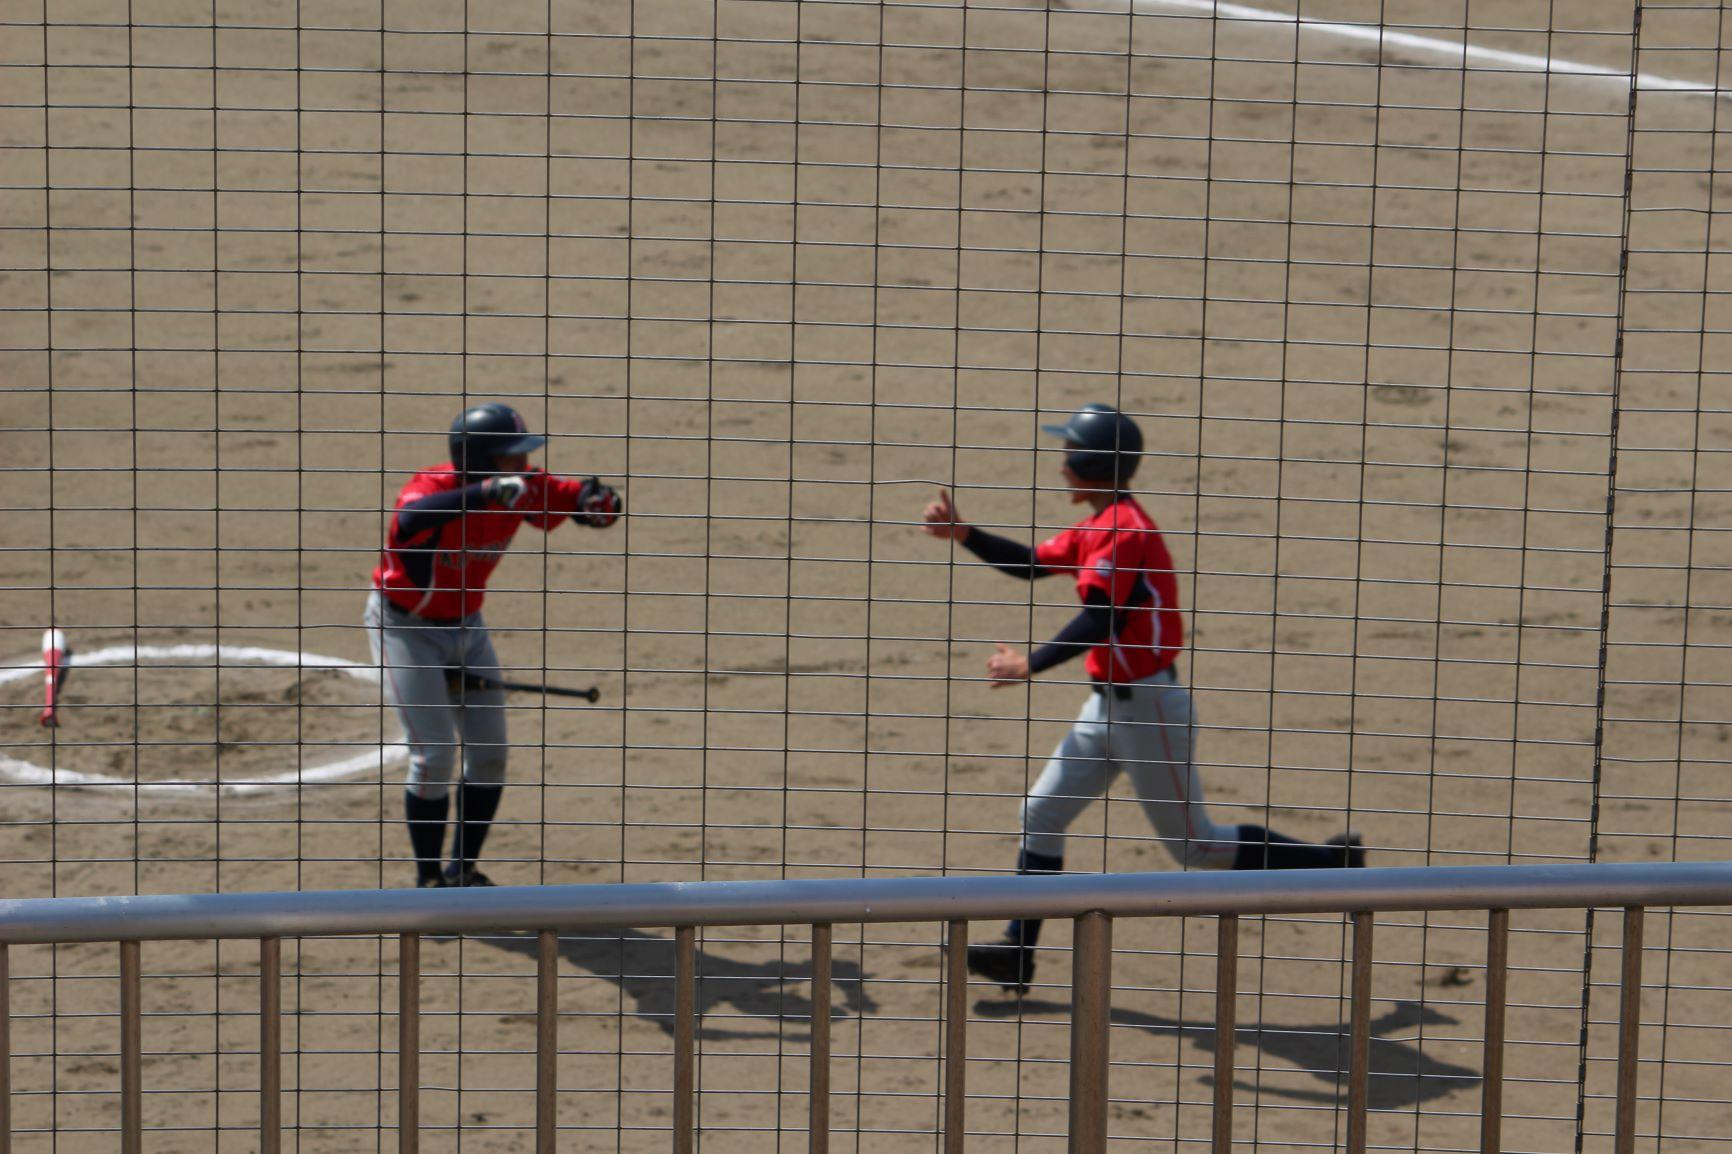 2019-3-24 第13回 日本少年野球 福島メセナカップ野球大会1回戦